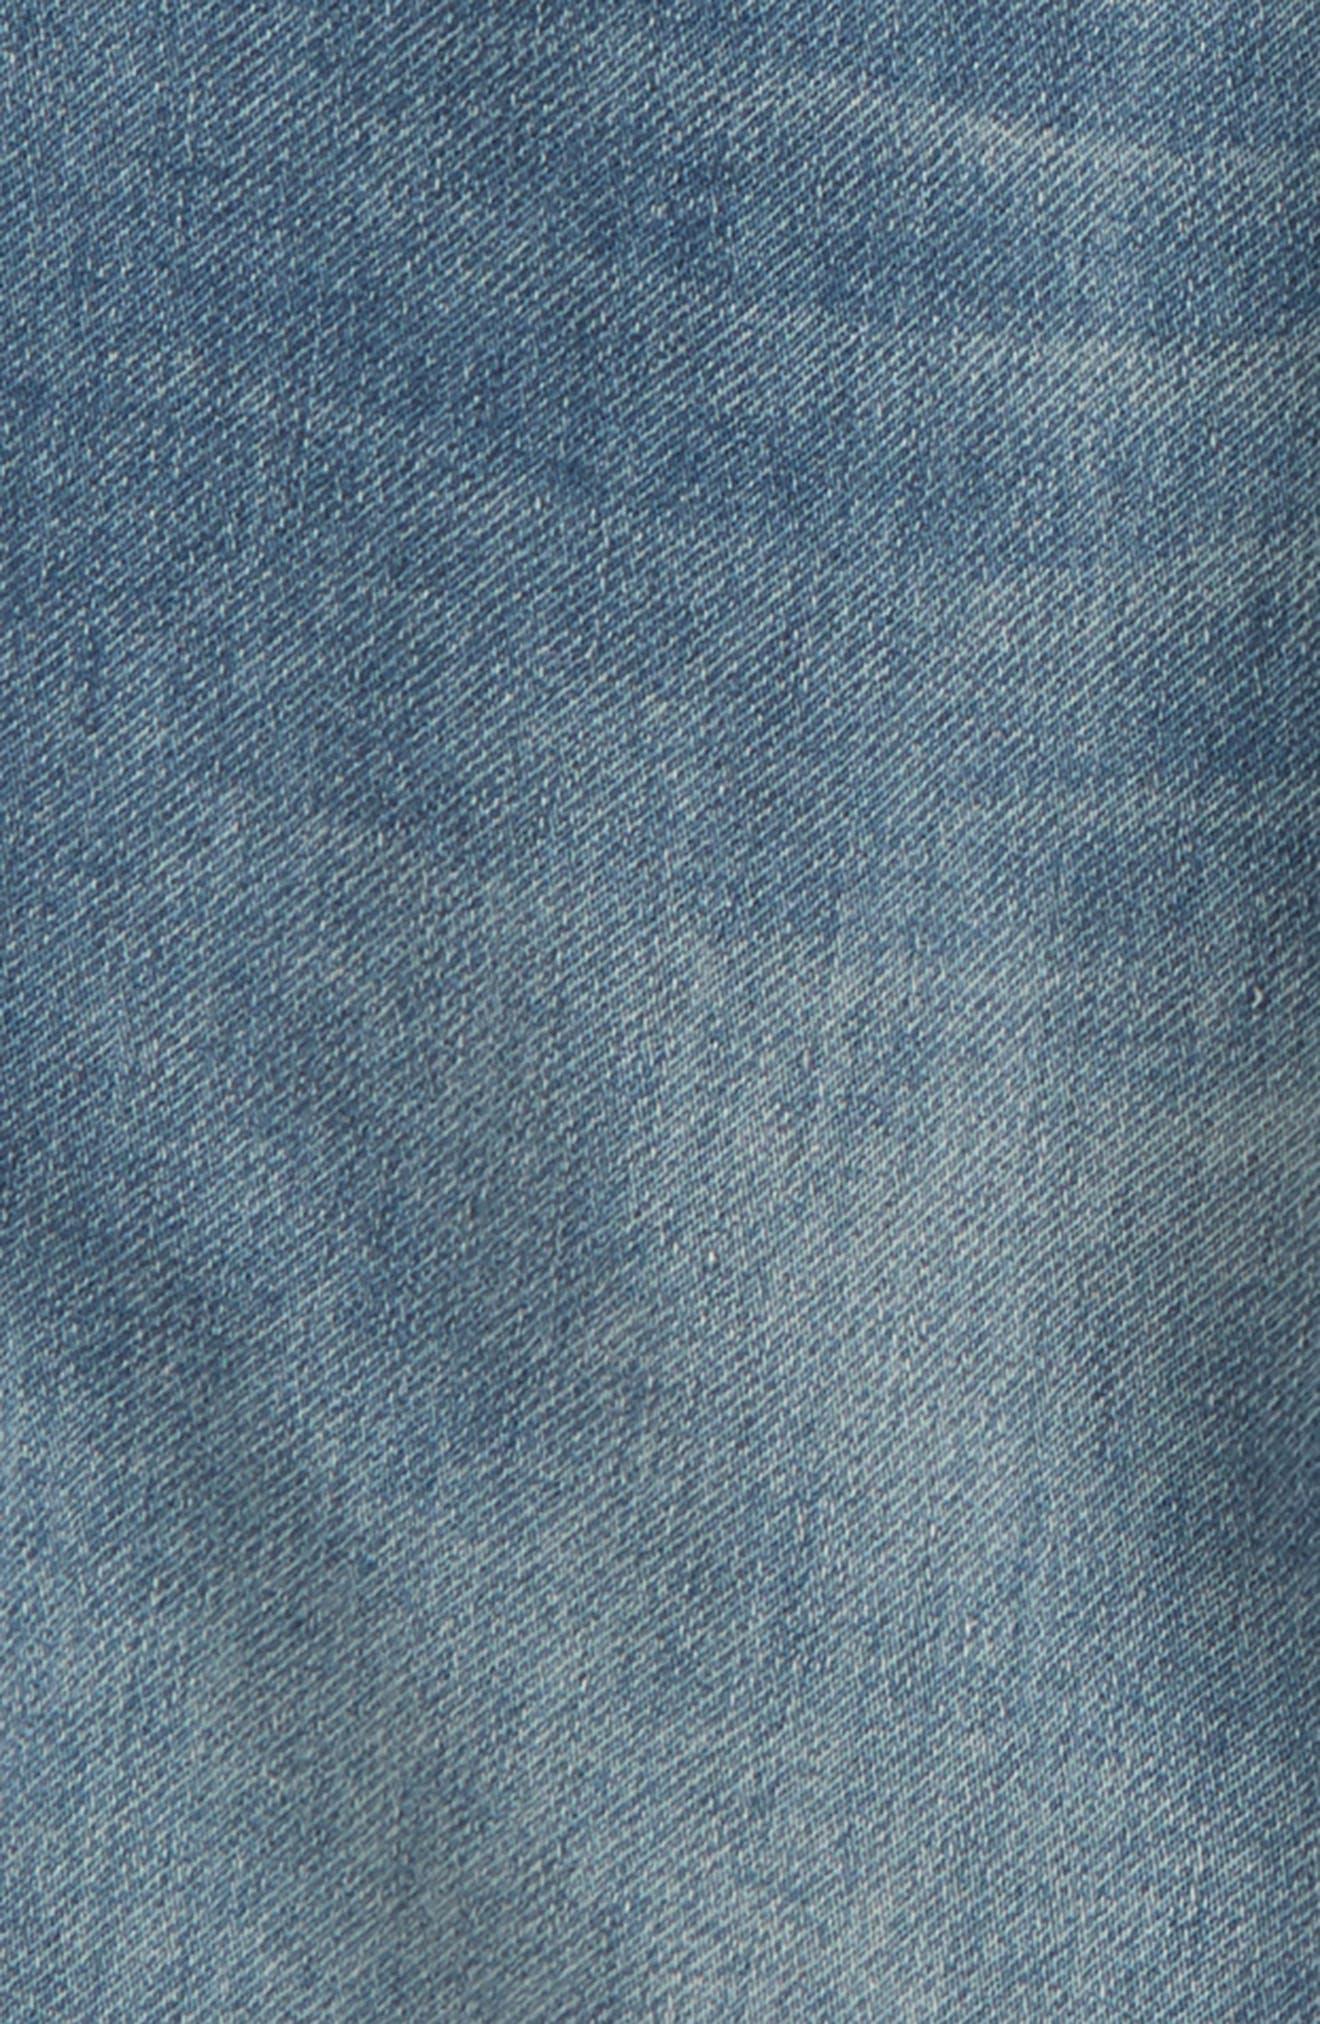 Denim Jogger Shorts,                             Alternate thumbnail 3, color,                             420